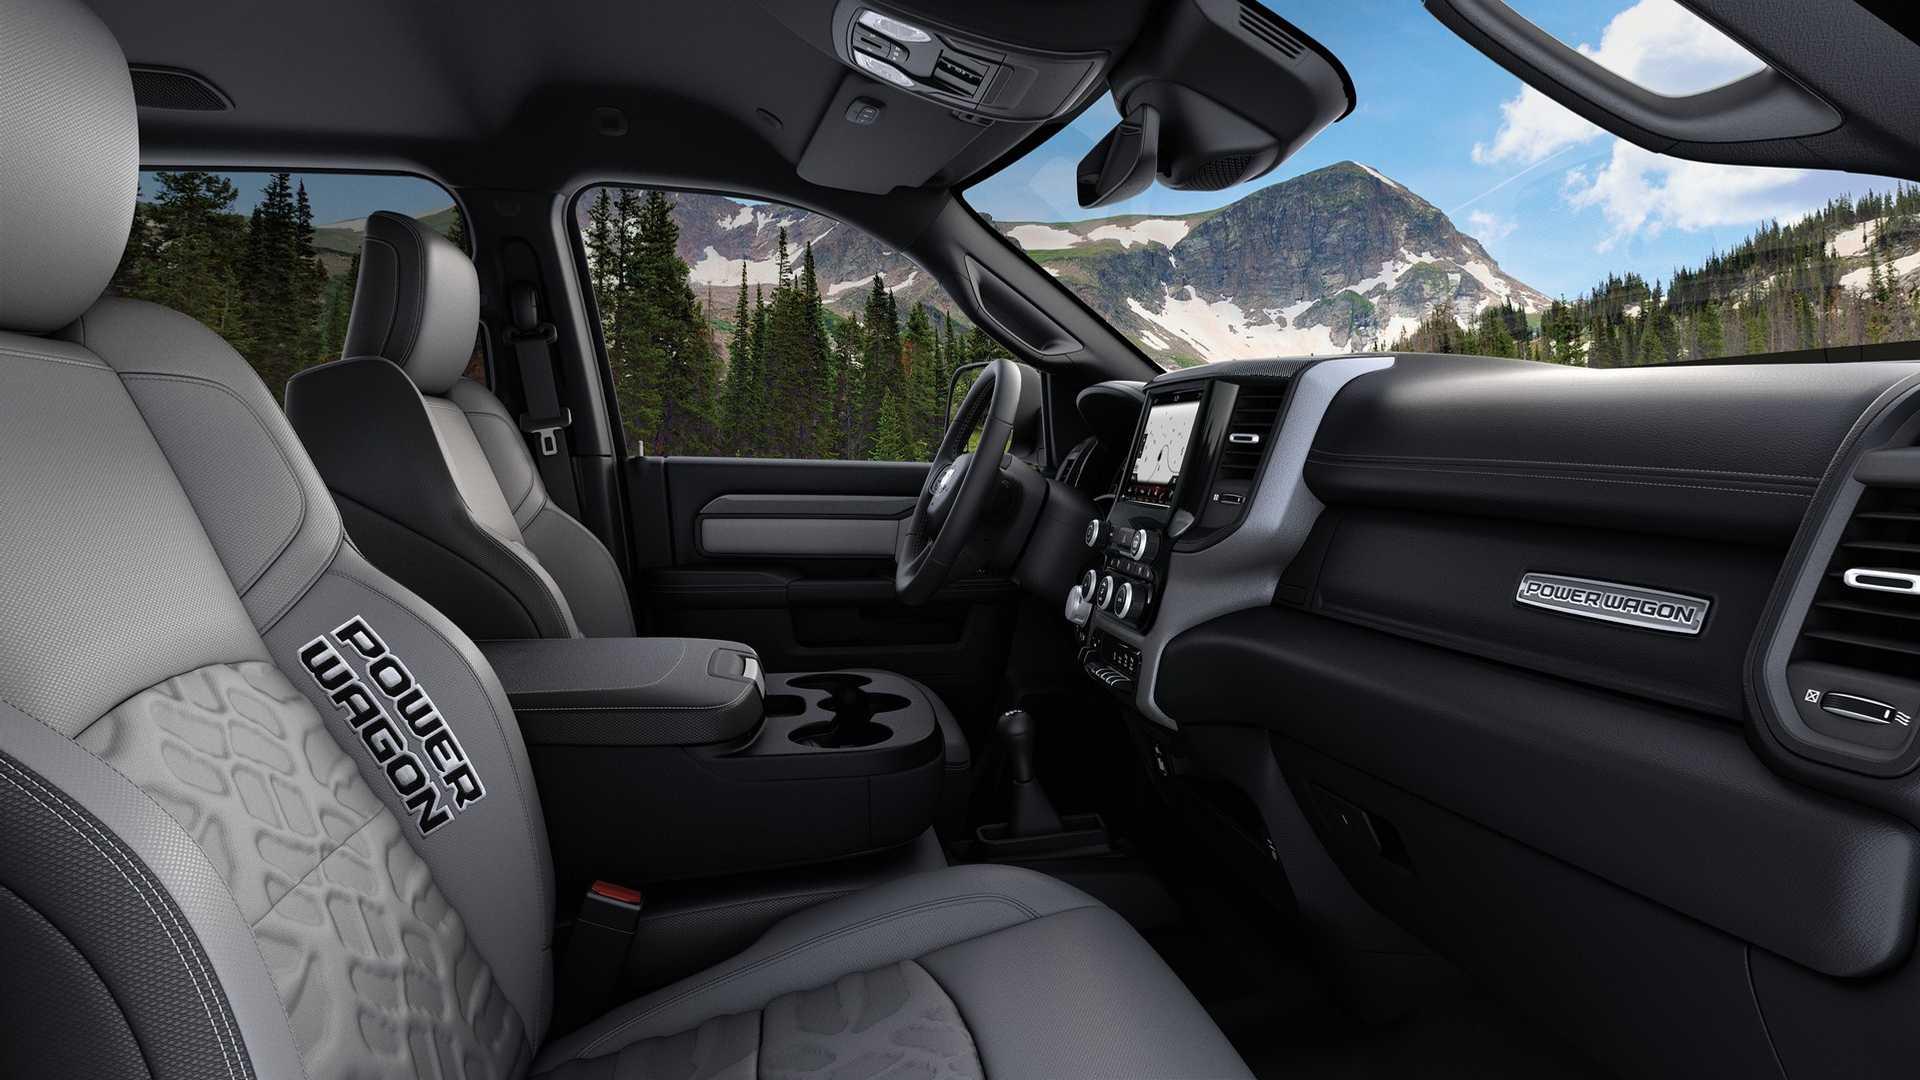 2019-ram-heavy-duty-interior (2)